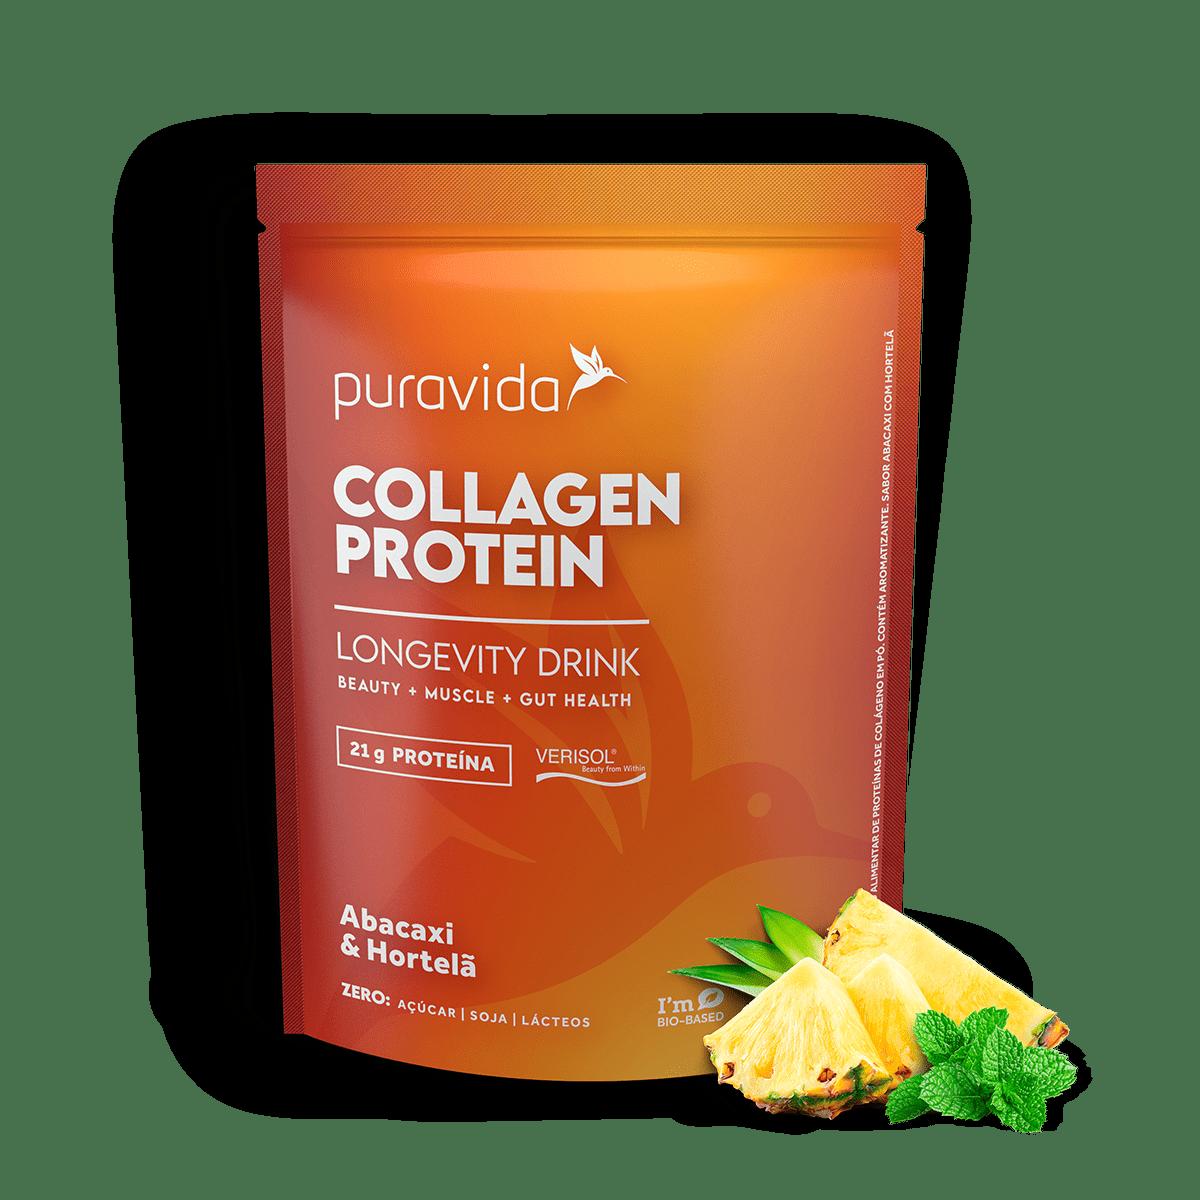 Collagen Protein Abacaxi e Horteã 450g - PURA VIDA